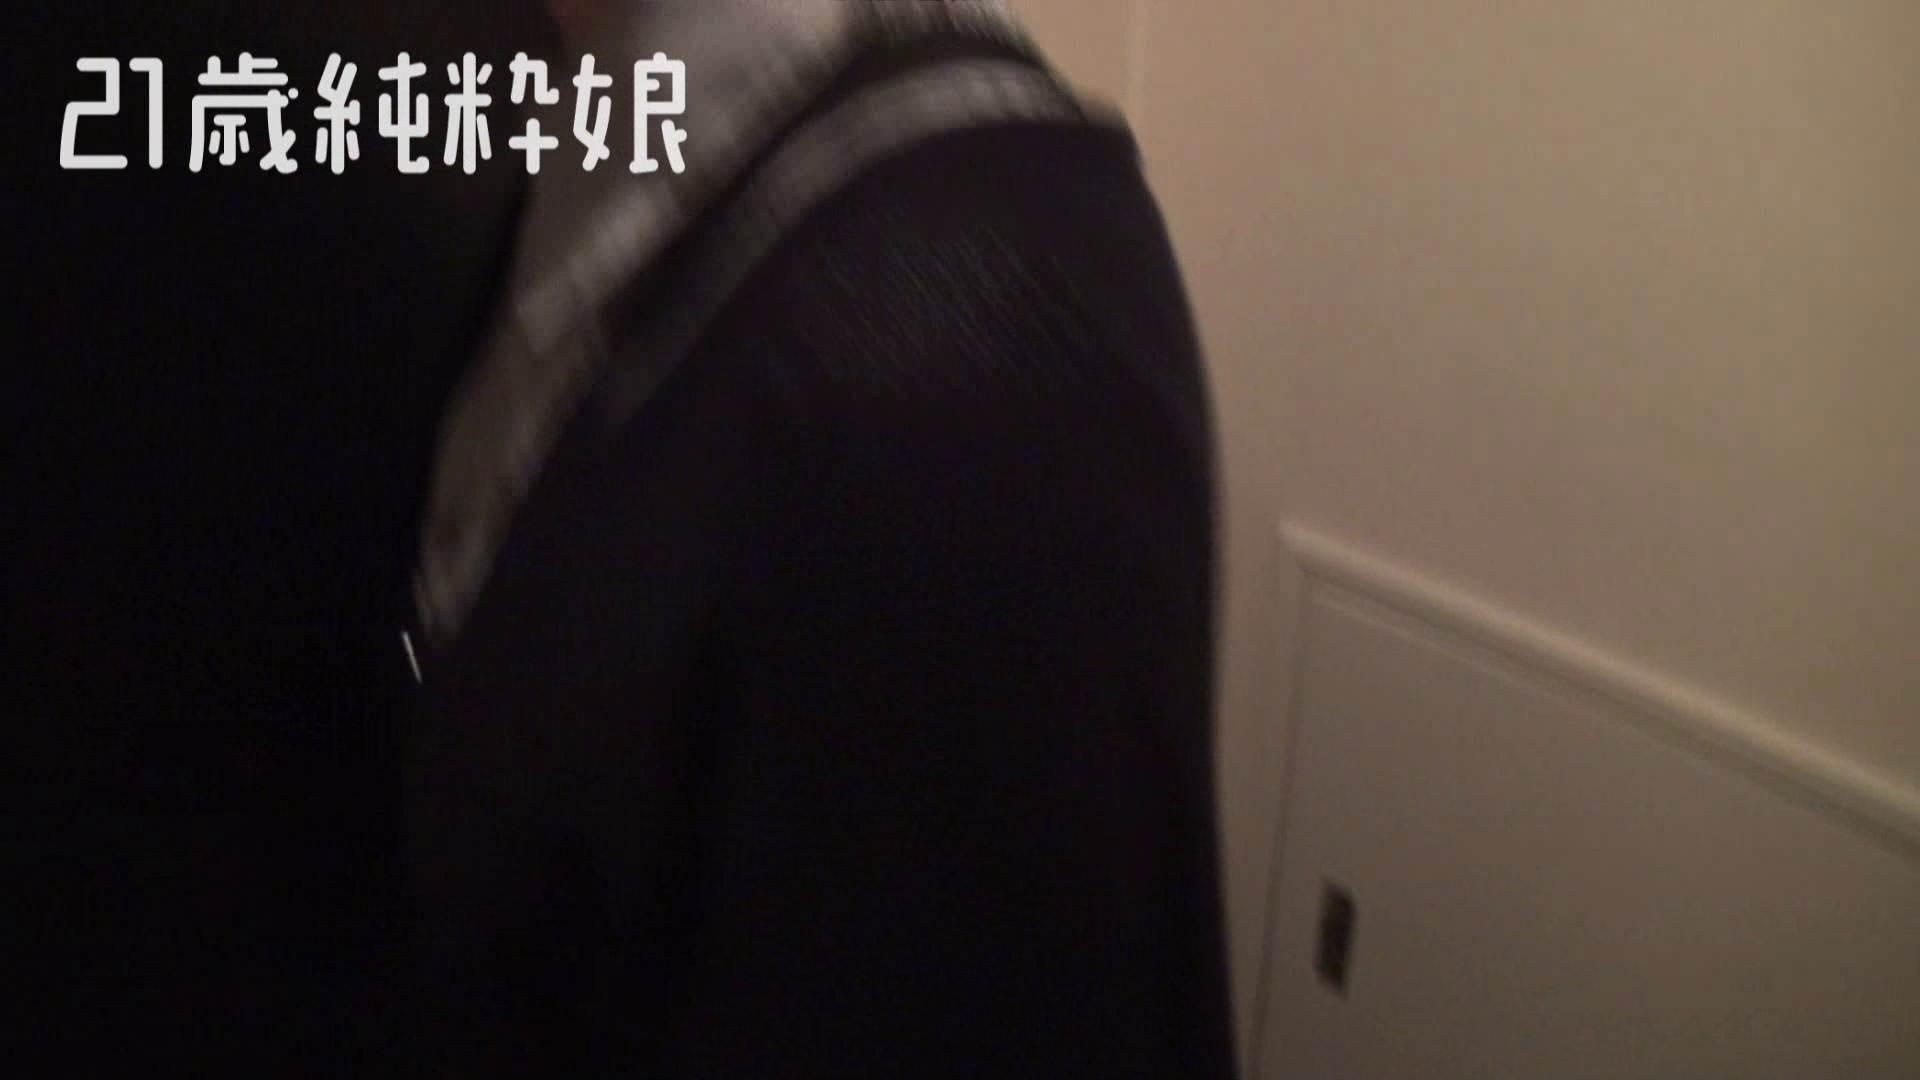 上京したばかりのGカップ21歳純粋嬢を都合の良い女にしてみた 投稿  52連発 2